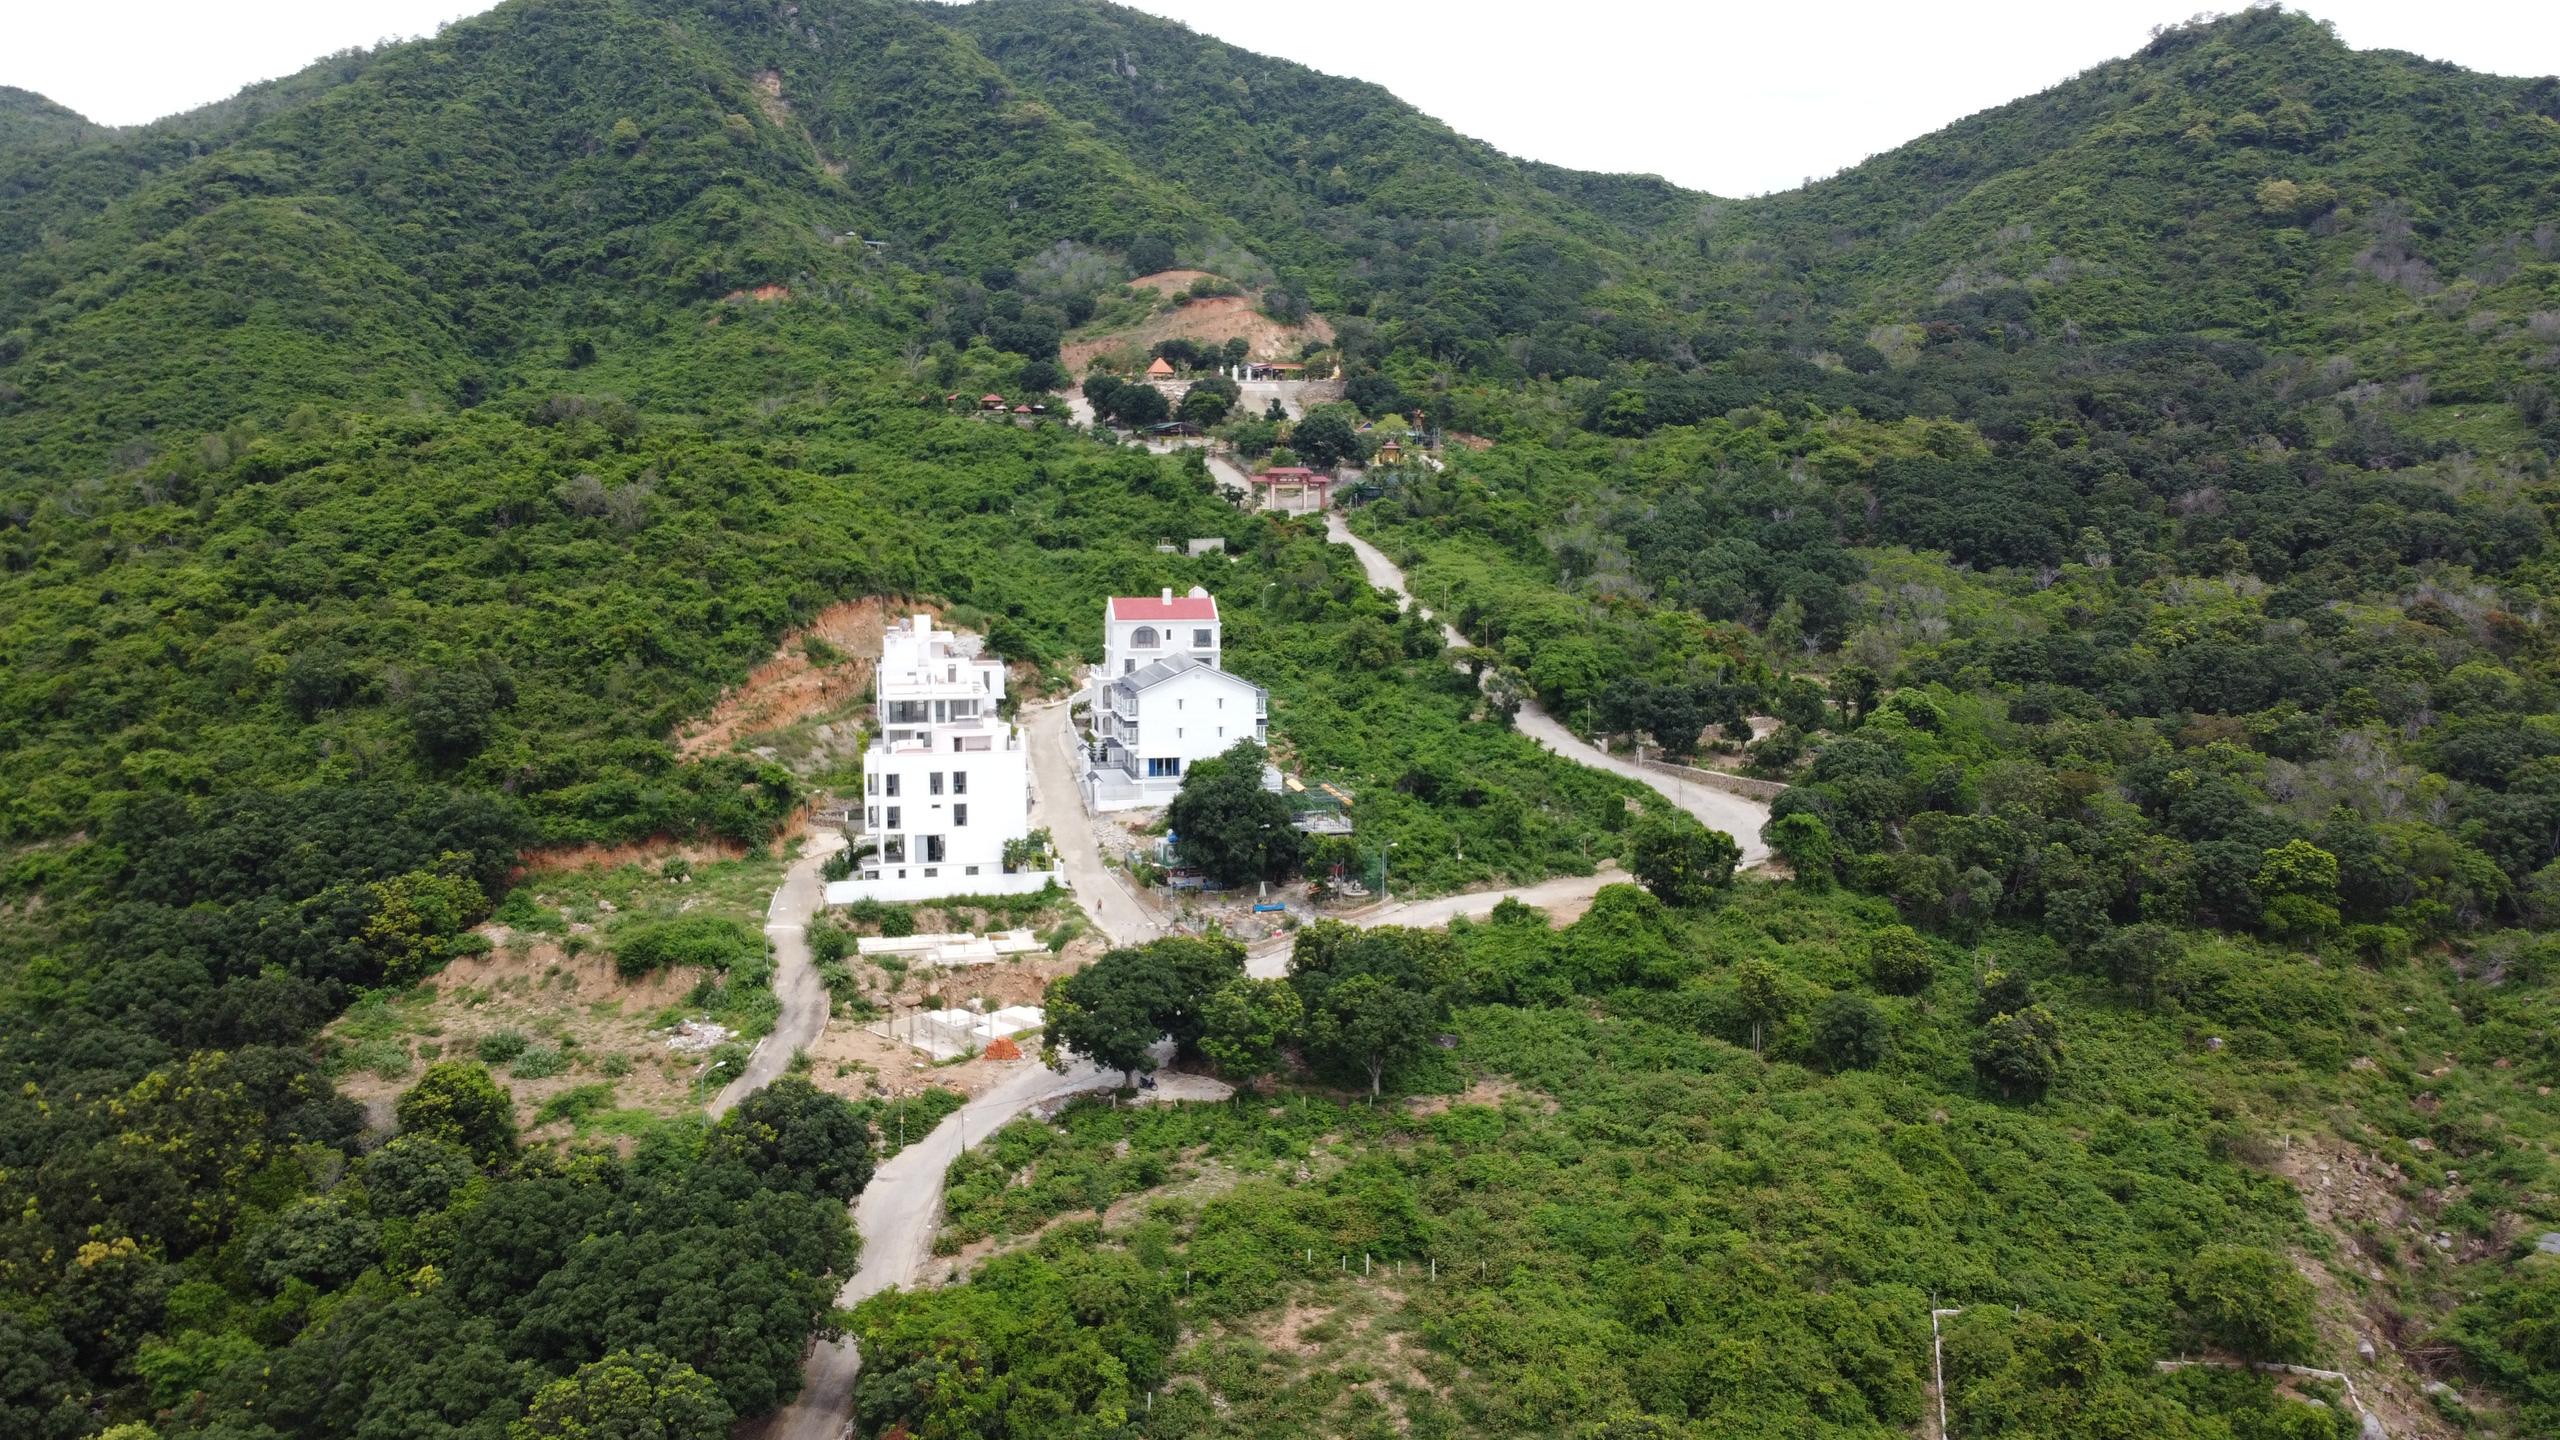 Nha Trang loạt dự án xẻ núi làm biệt thự, khu dân cư - Ảnh 1.